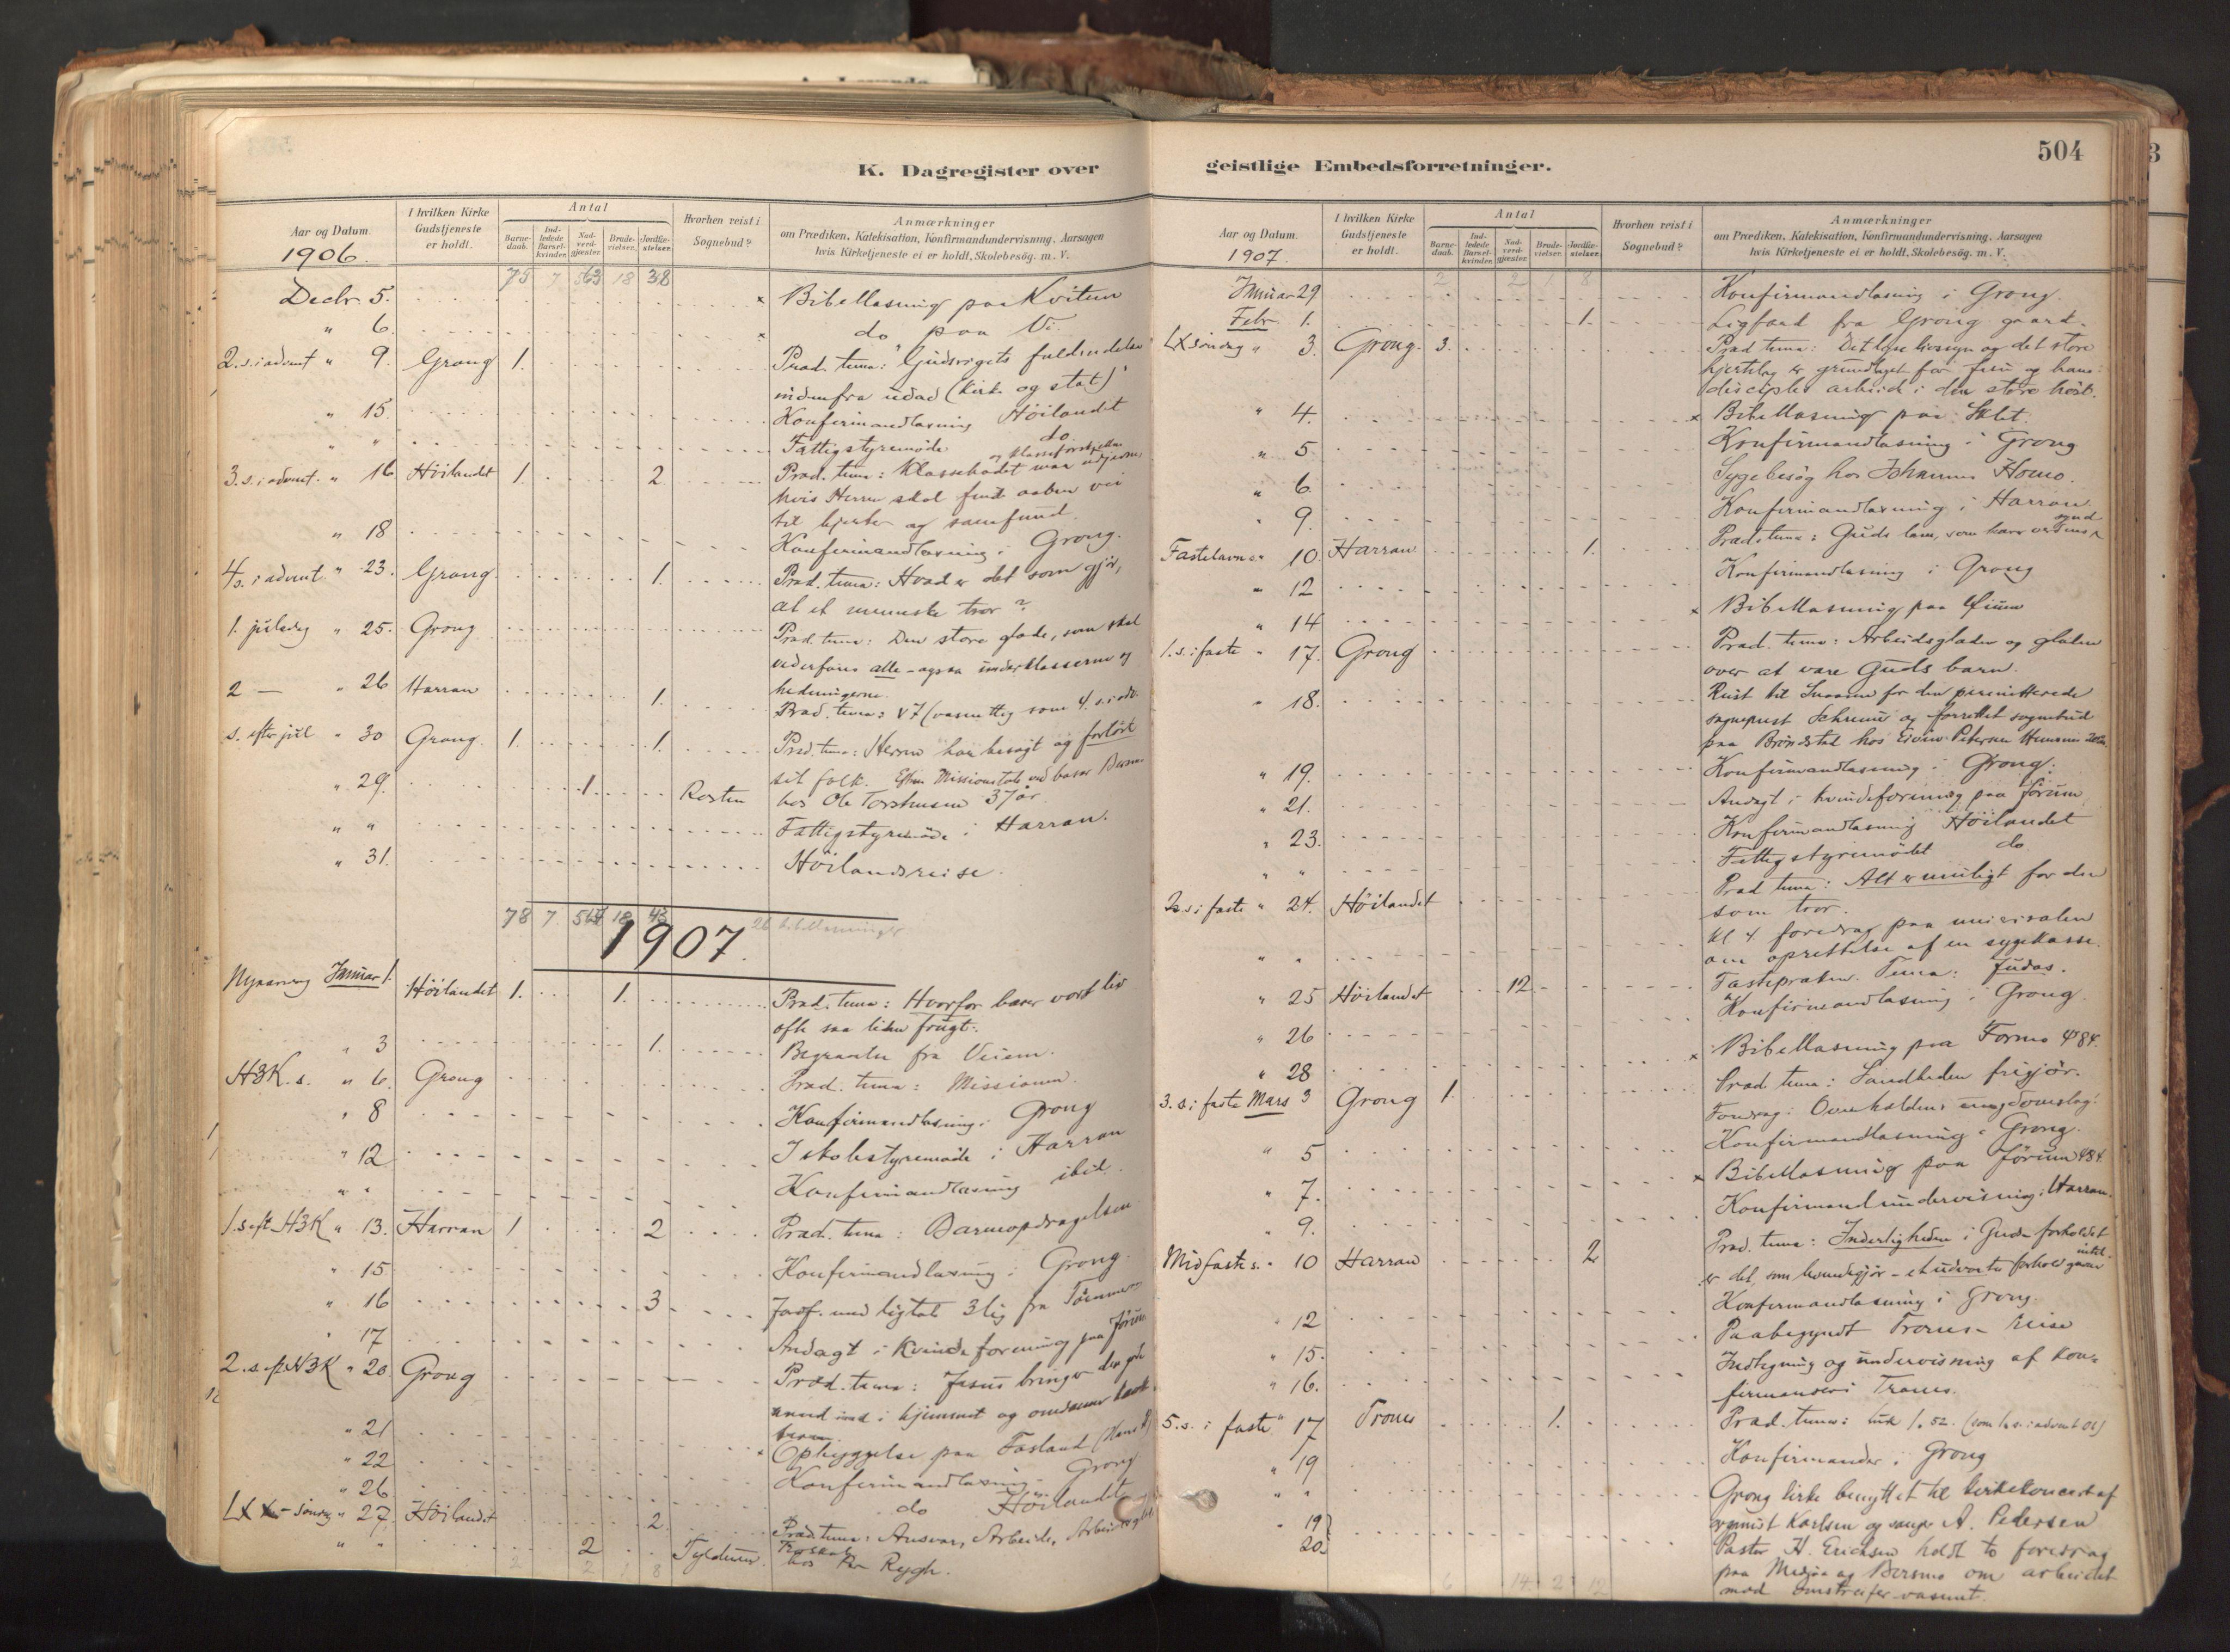 SAT, Ministerialprotokoller, klokkerbøker og fødselsregistre - Nord-Trøndelag, 758/L0519: Ministerialbok nr. 758A04, 1880-1926, s. 504